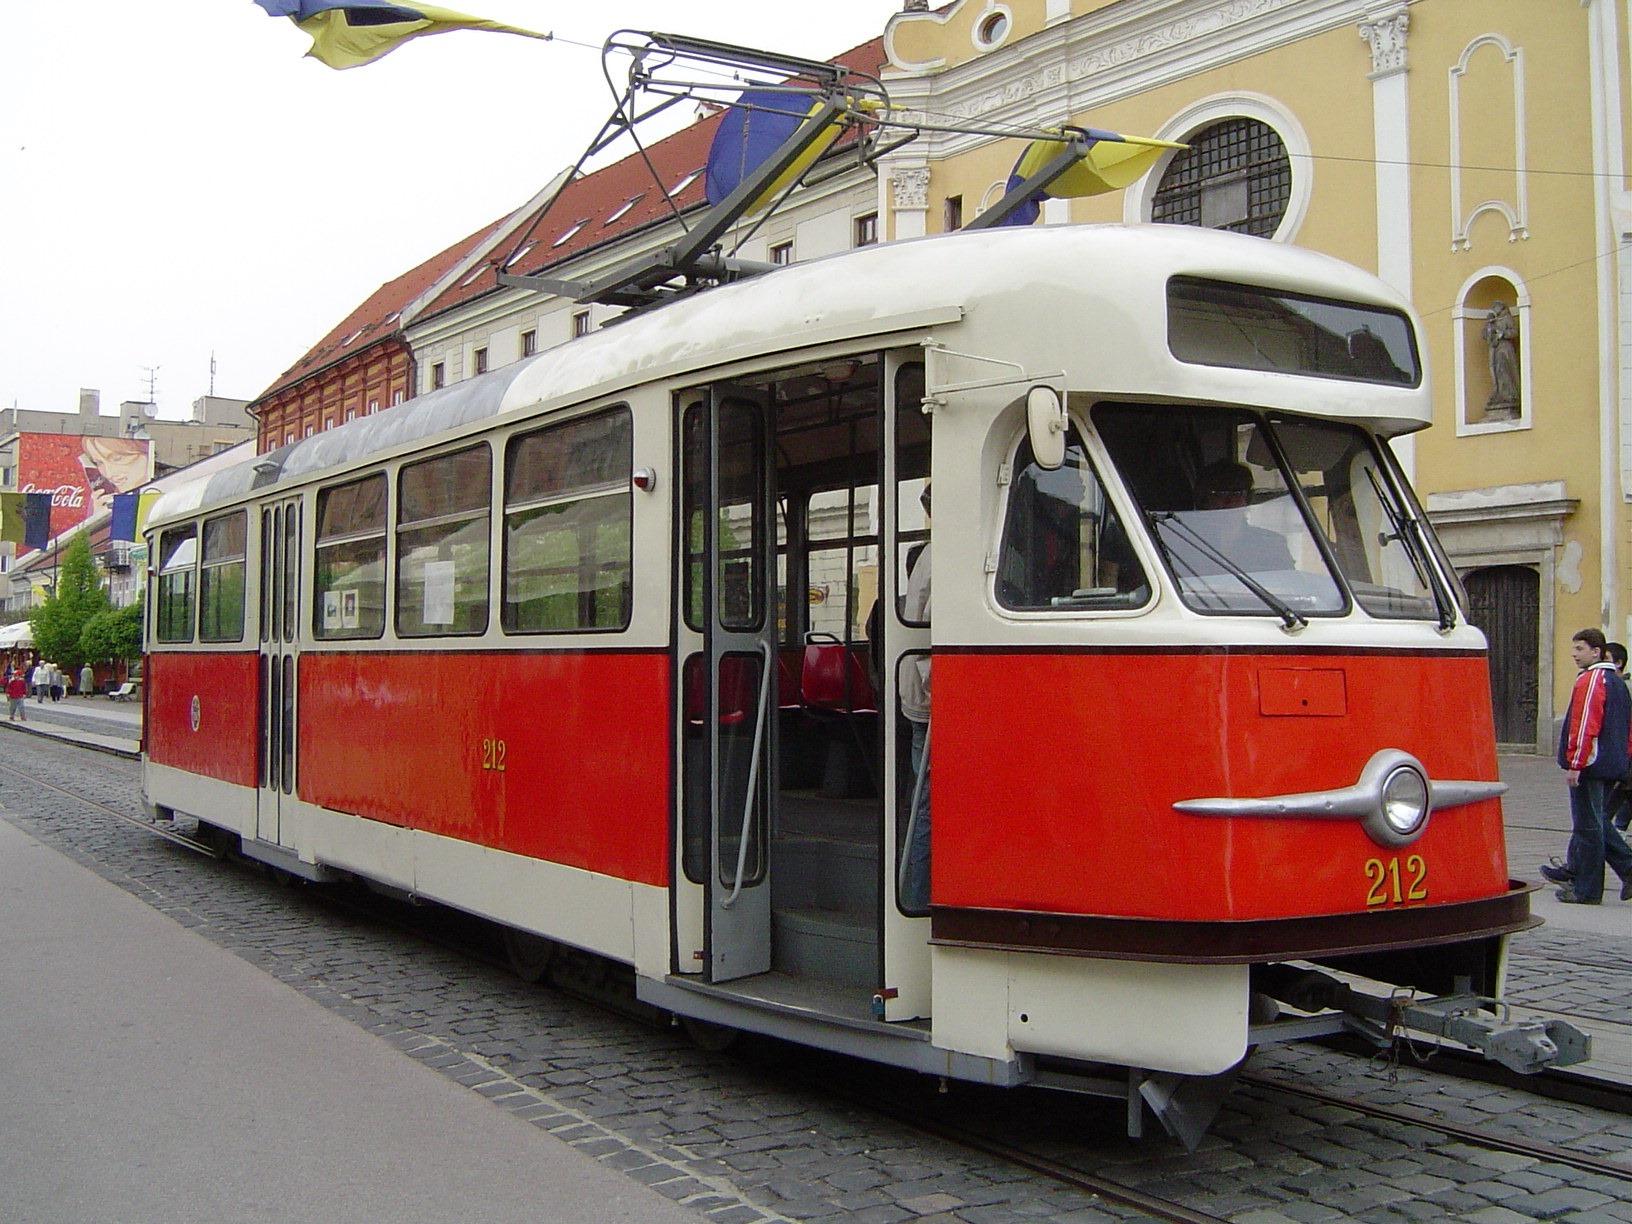 Tramvaj T2 ev. č. 212 je původně ostravským vozem ev. č. 619 z roku 1960. (foto: František Šimčák)